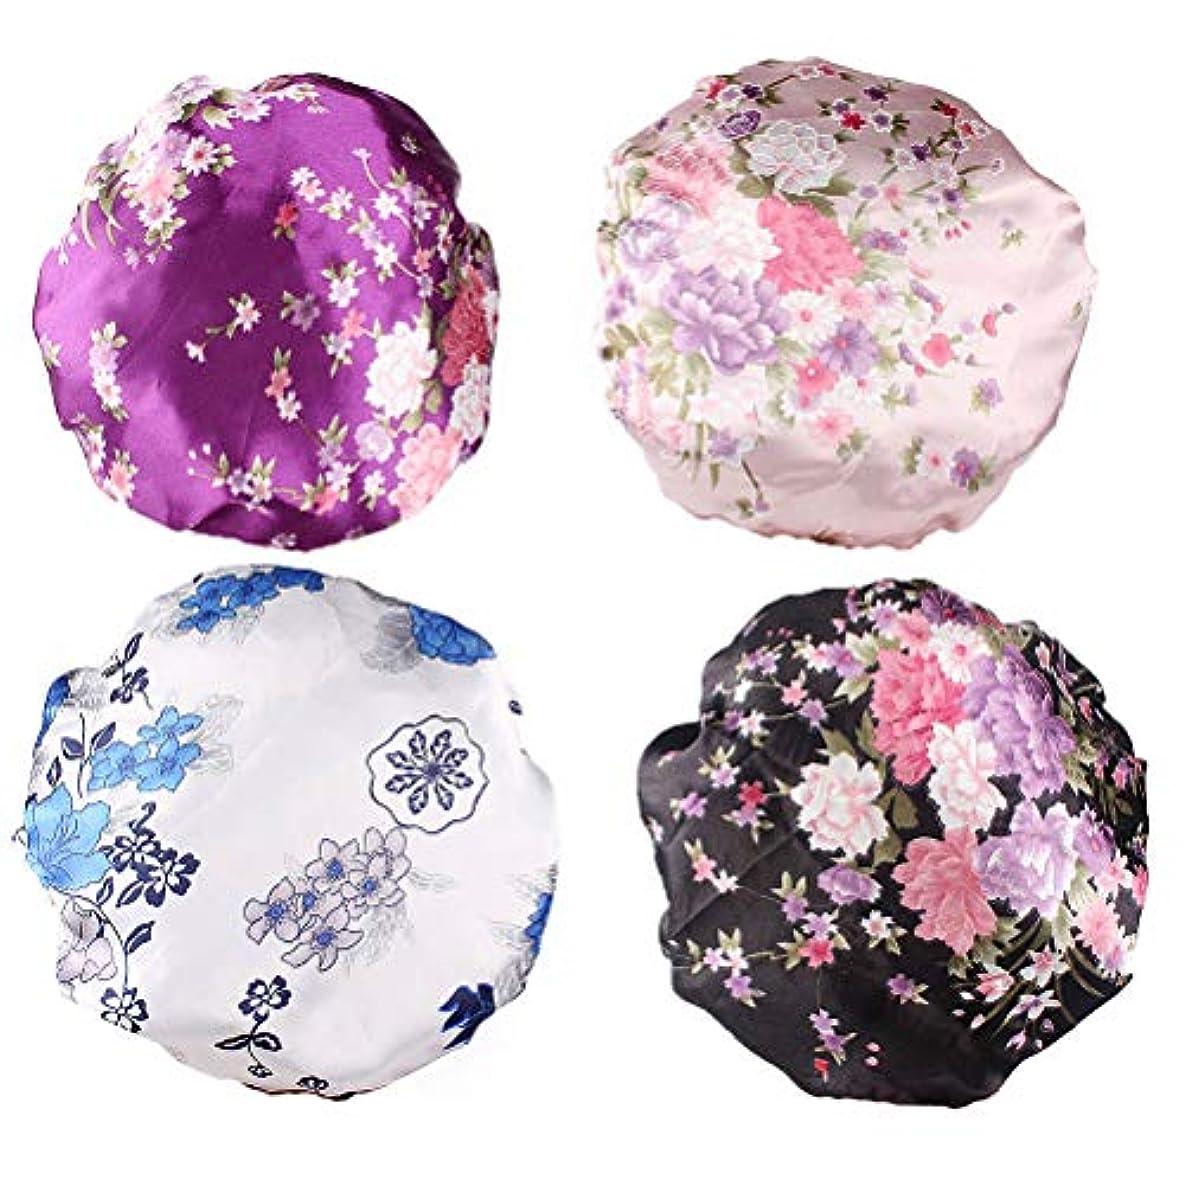 生産的歴史落とし穴Beaupretty 4本の女性の絹のようなサテンの睡眠の帽子プレミアムゴムバンド付きサテンの睡眠の帽子女性の女の子のためのナイトキャップサロンボンネット抜け毛の帽子(紫色+黒+白+ピンク)